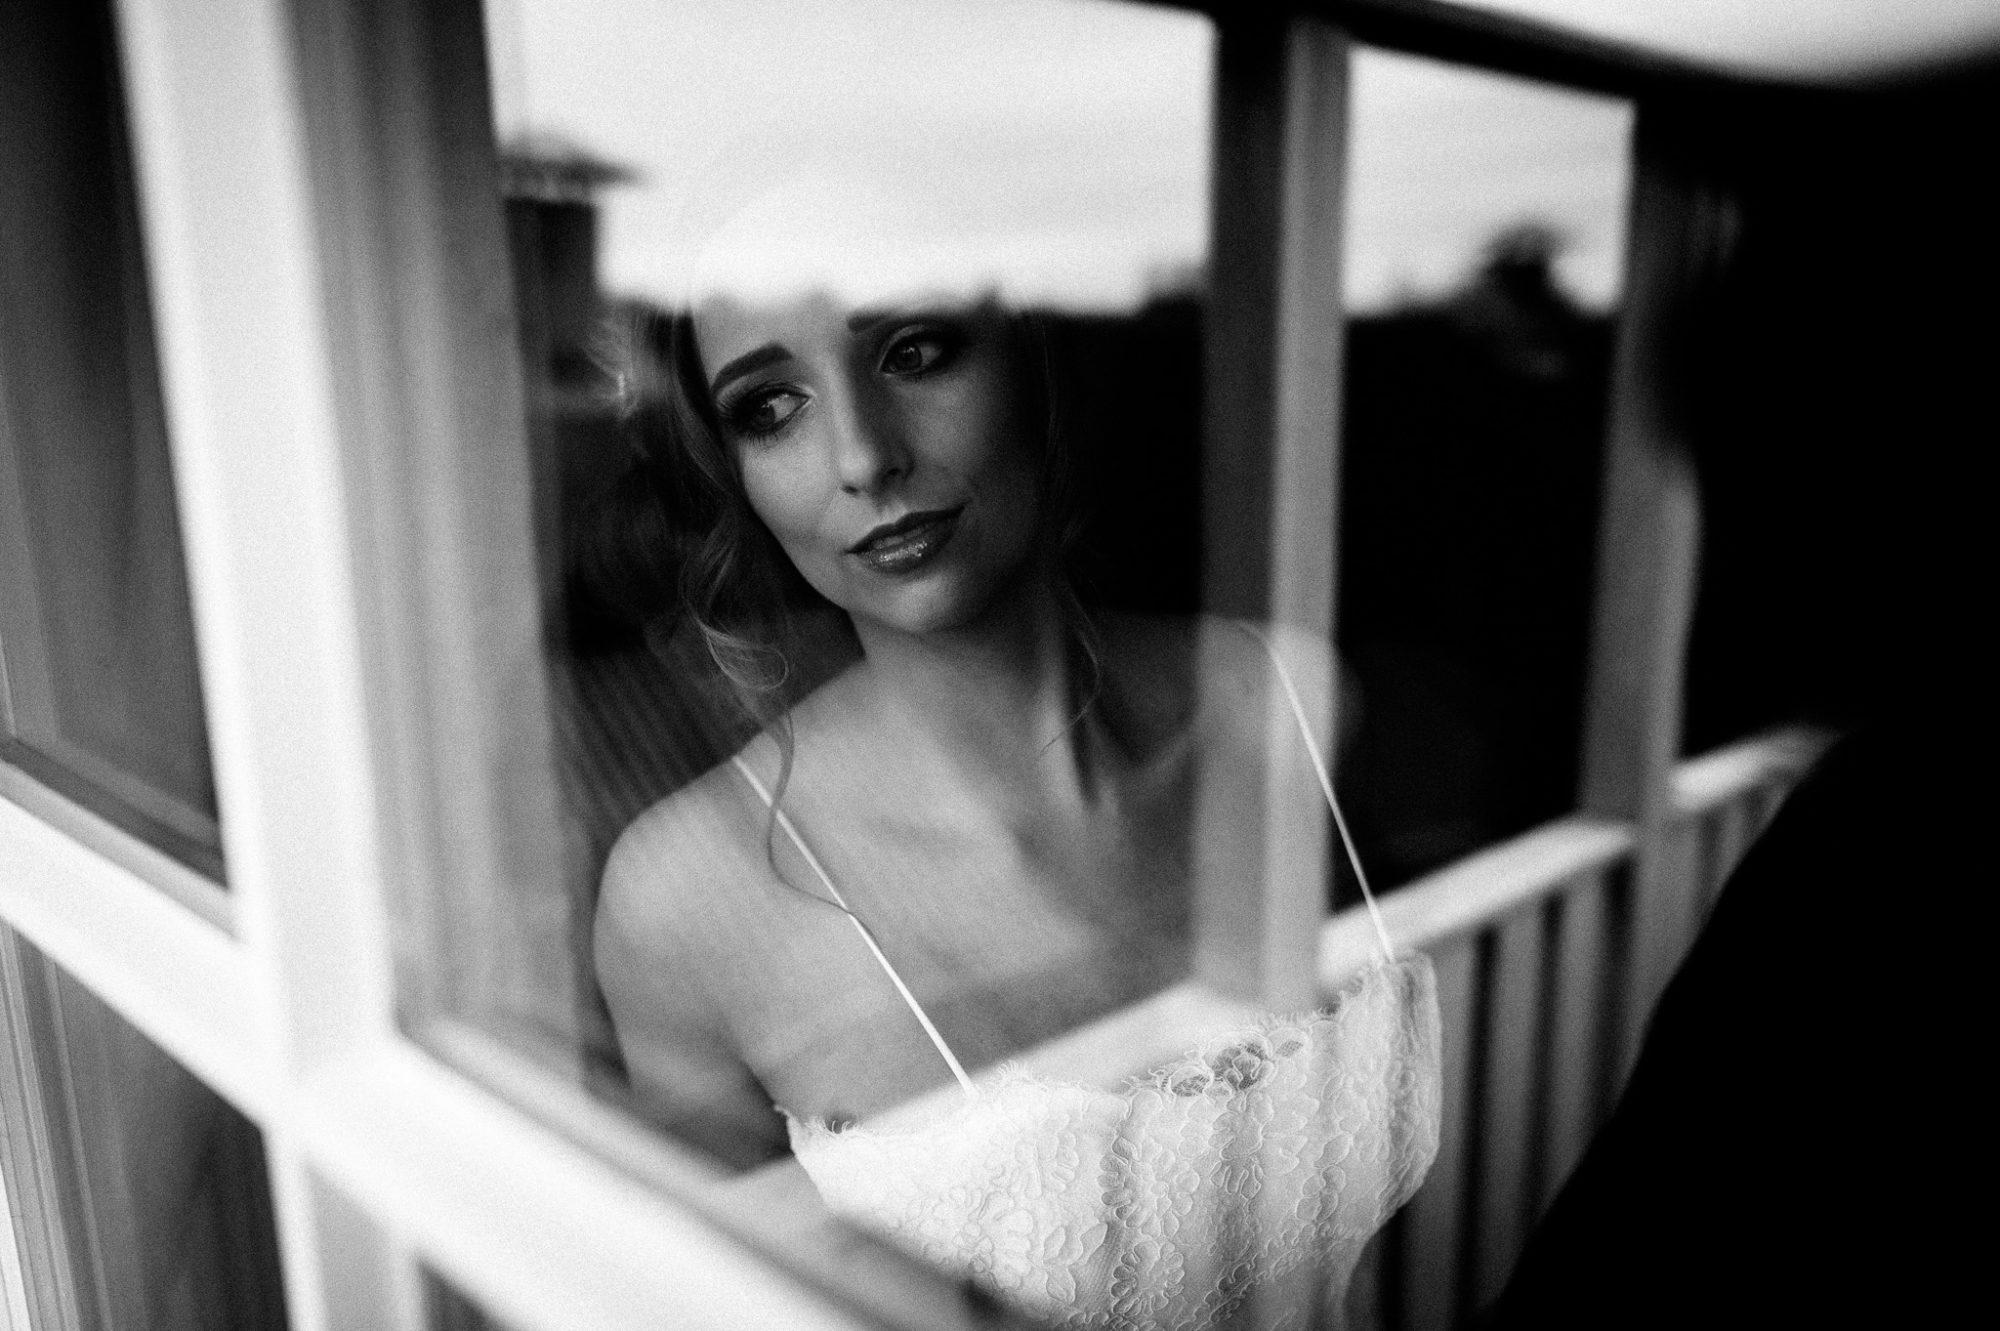 Hotel Altes land, Braut am Fenster